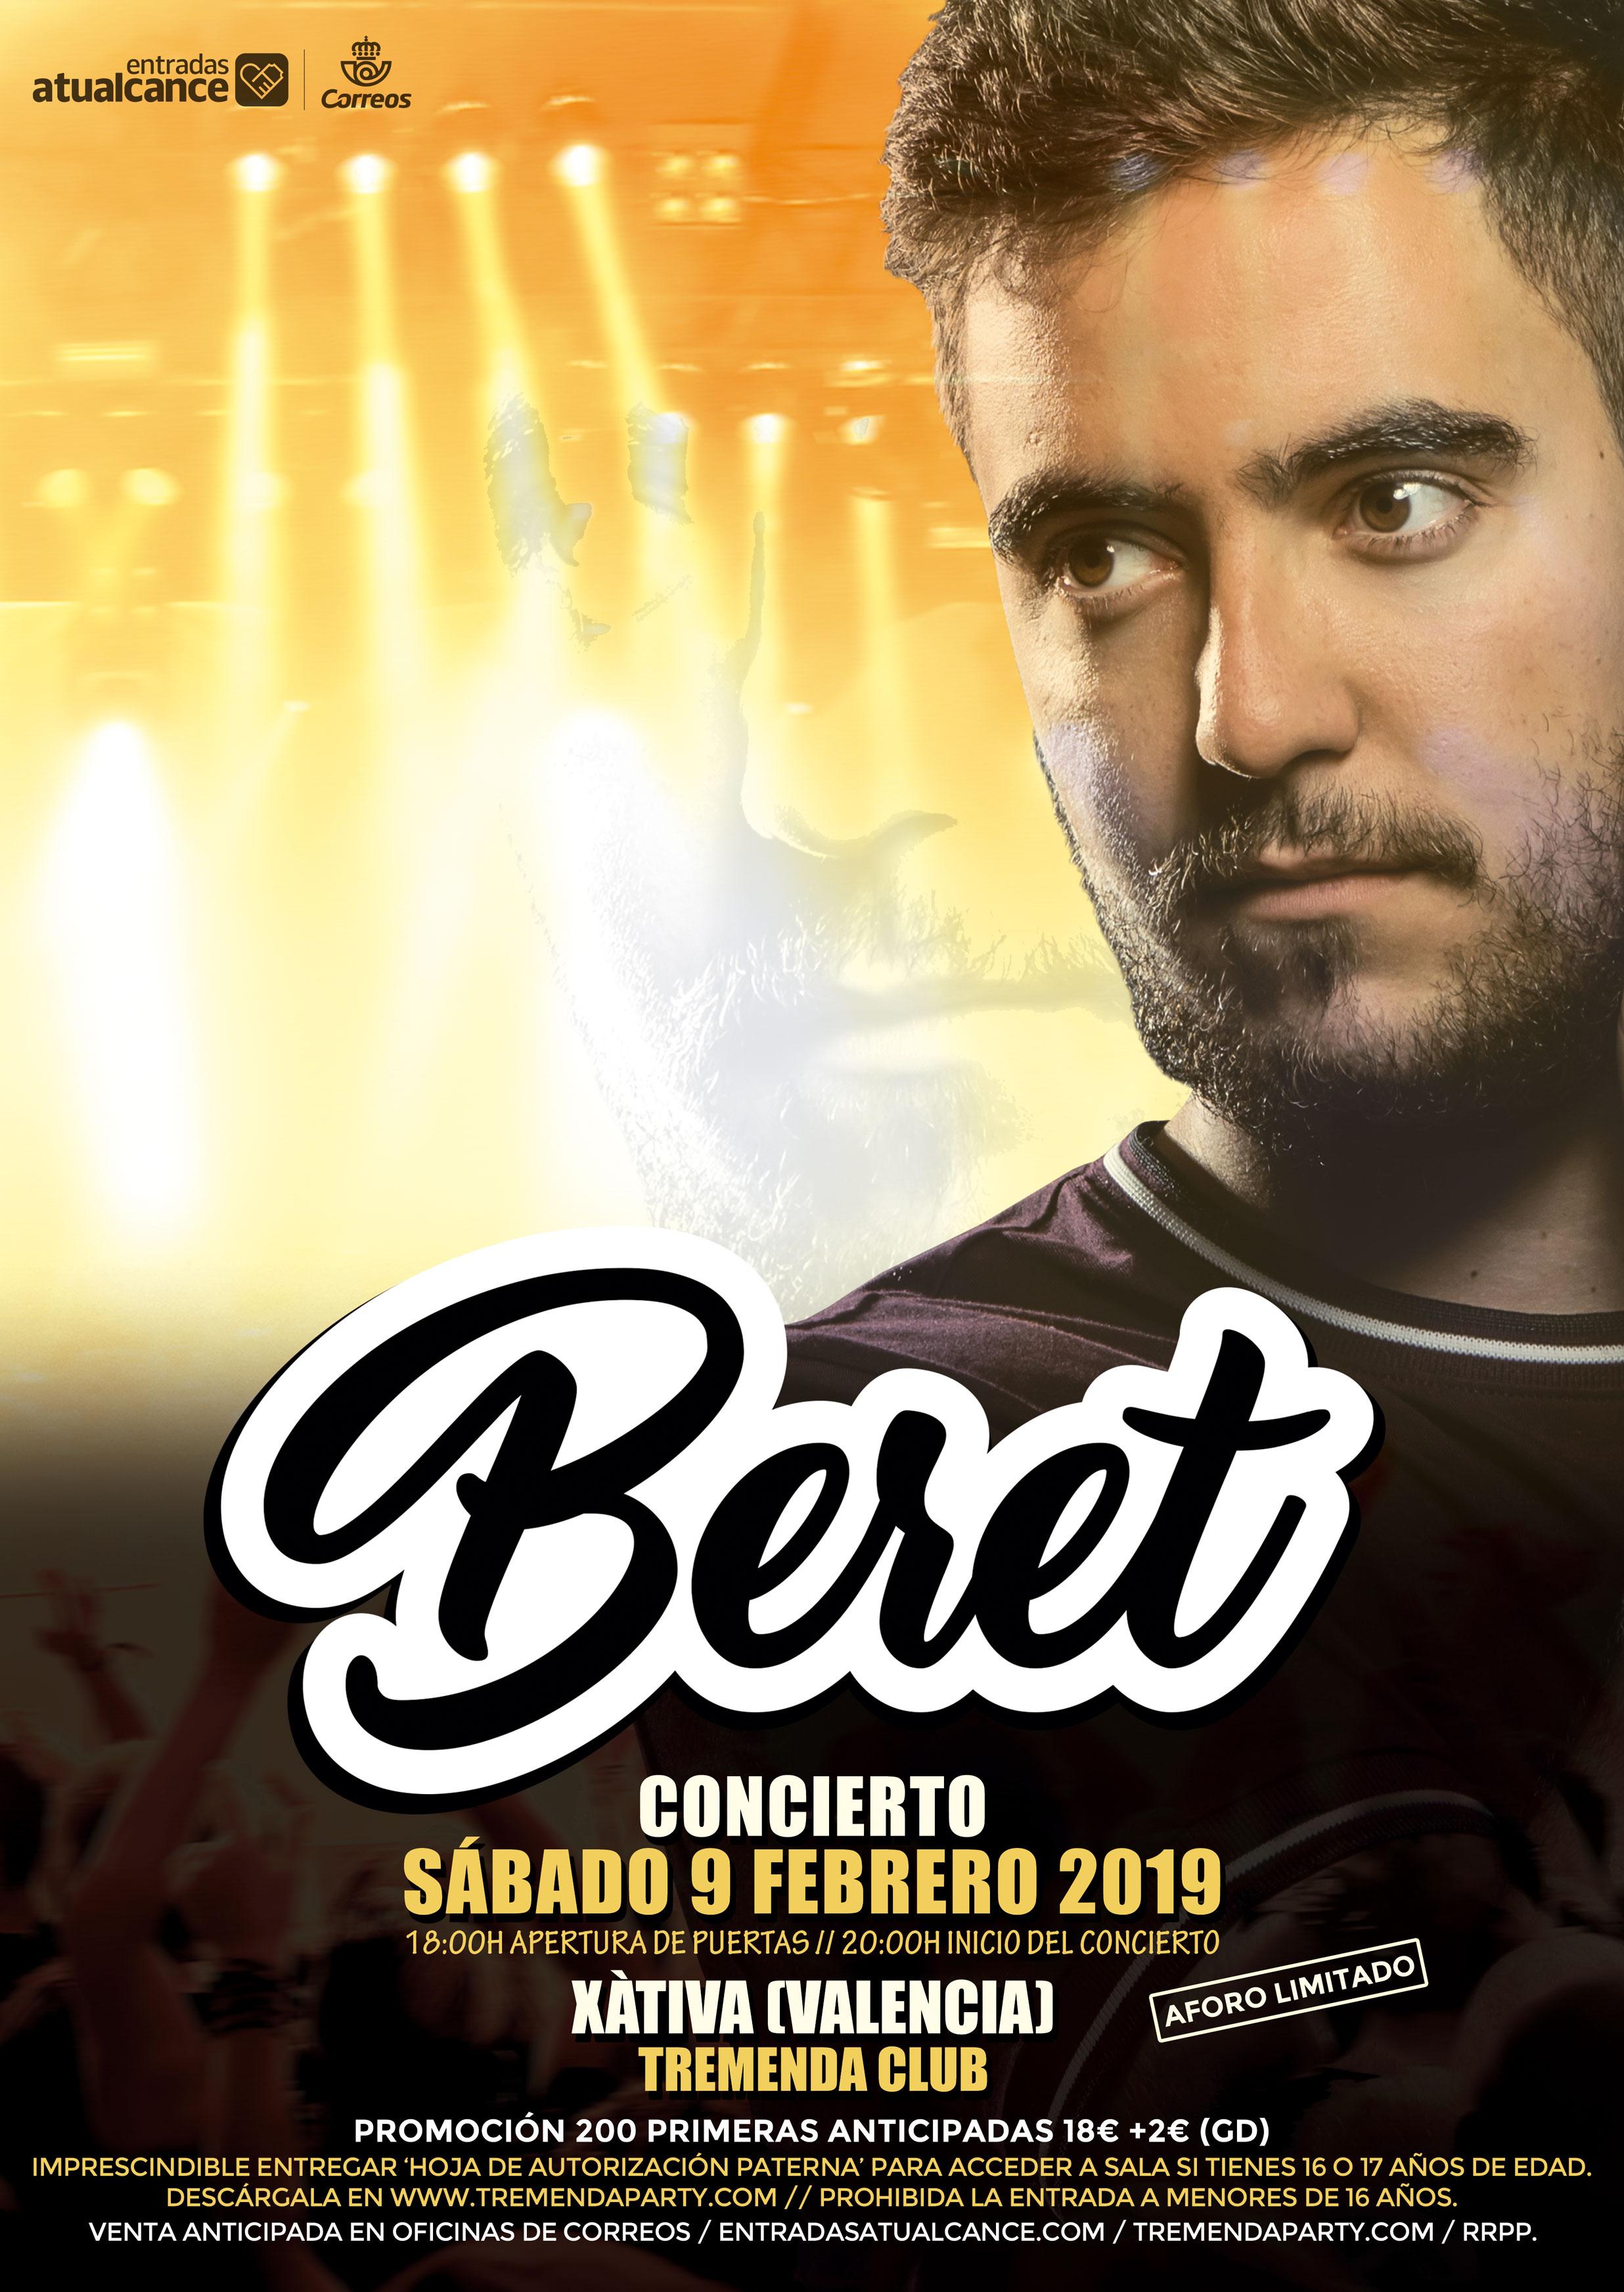 concierto-beret-xativa-5c24f45bd4a44.jpe